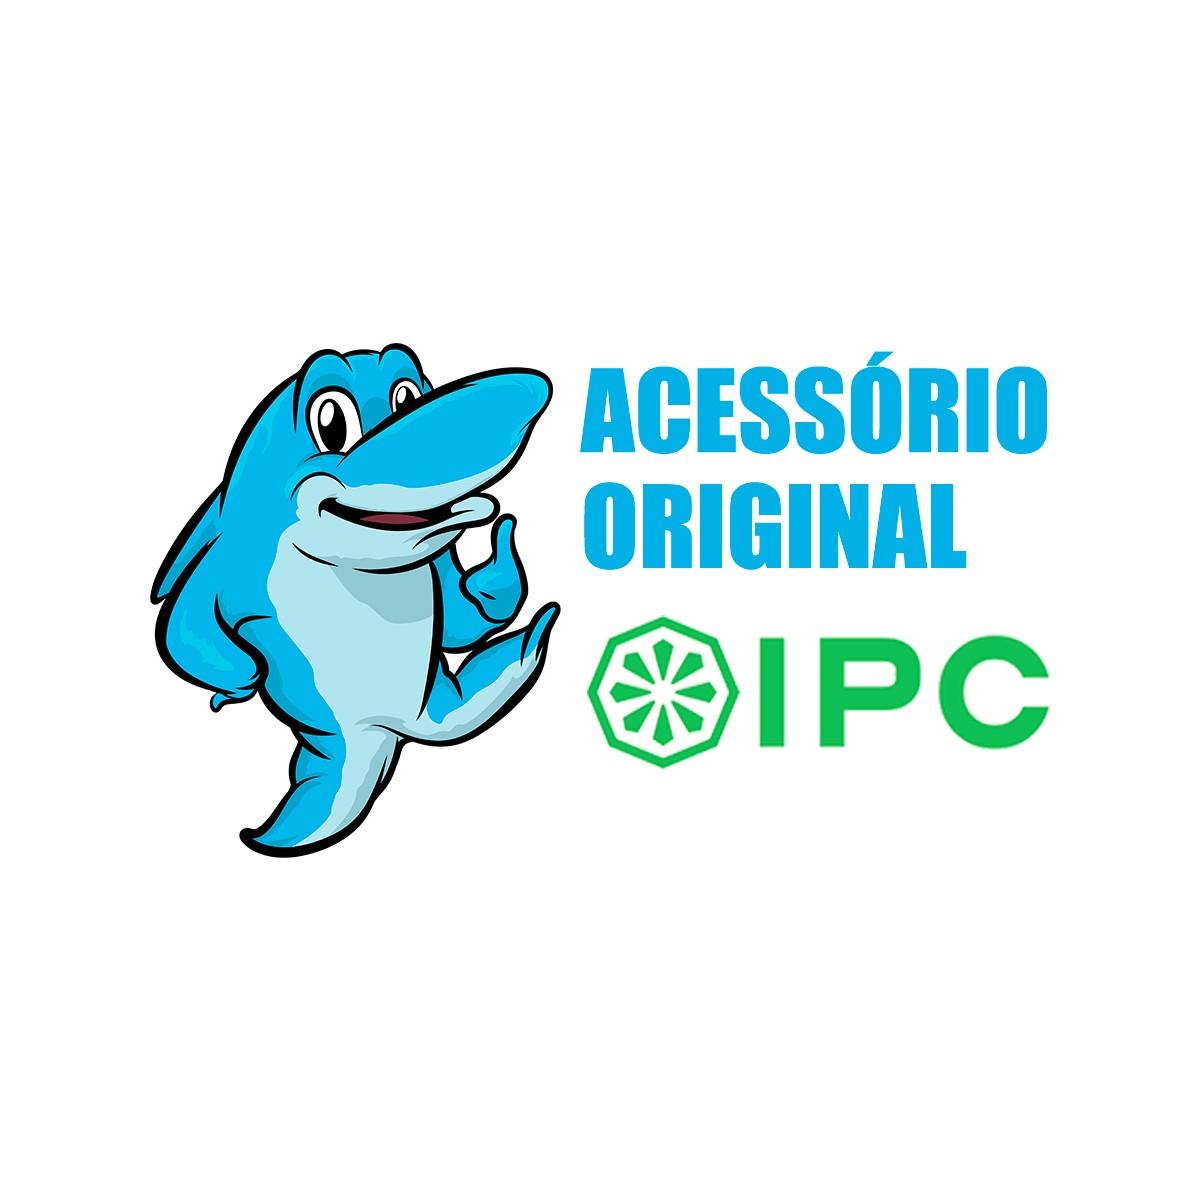 Filtro de aspiração Original IPC para Extratoras Aspiradores